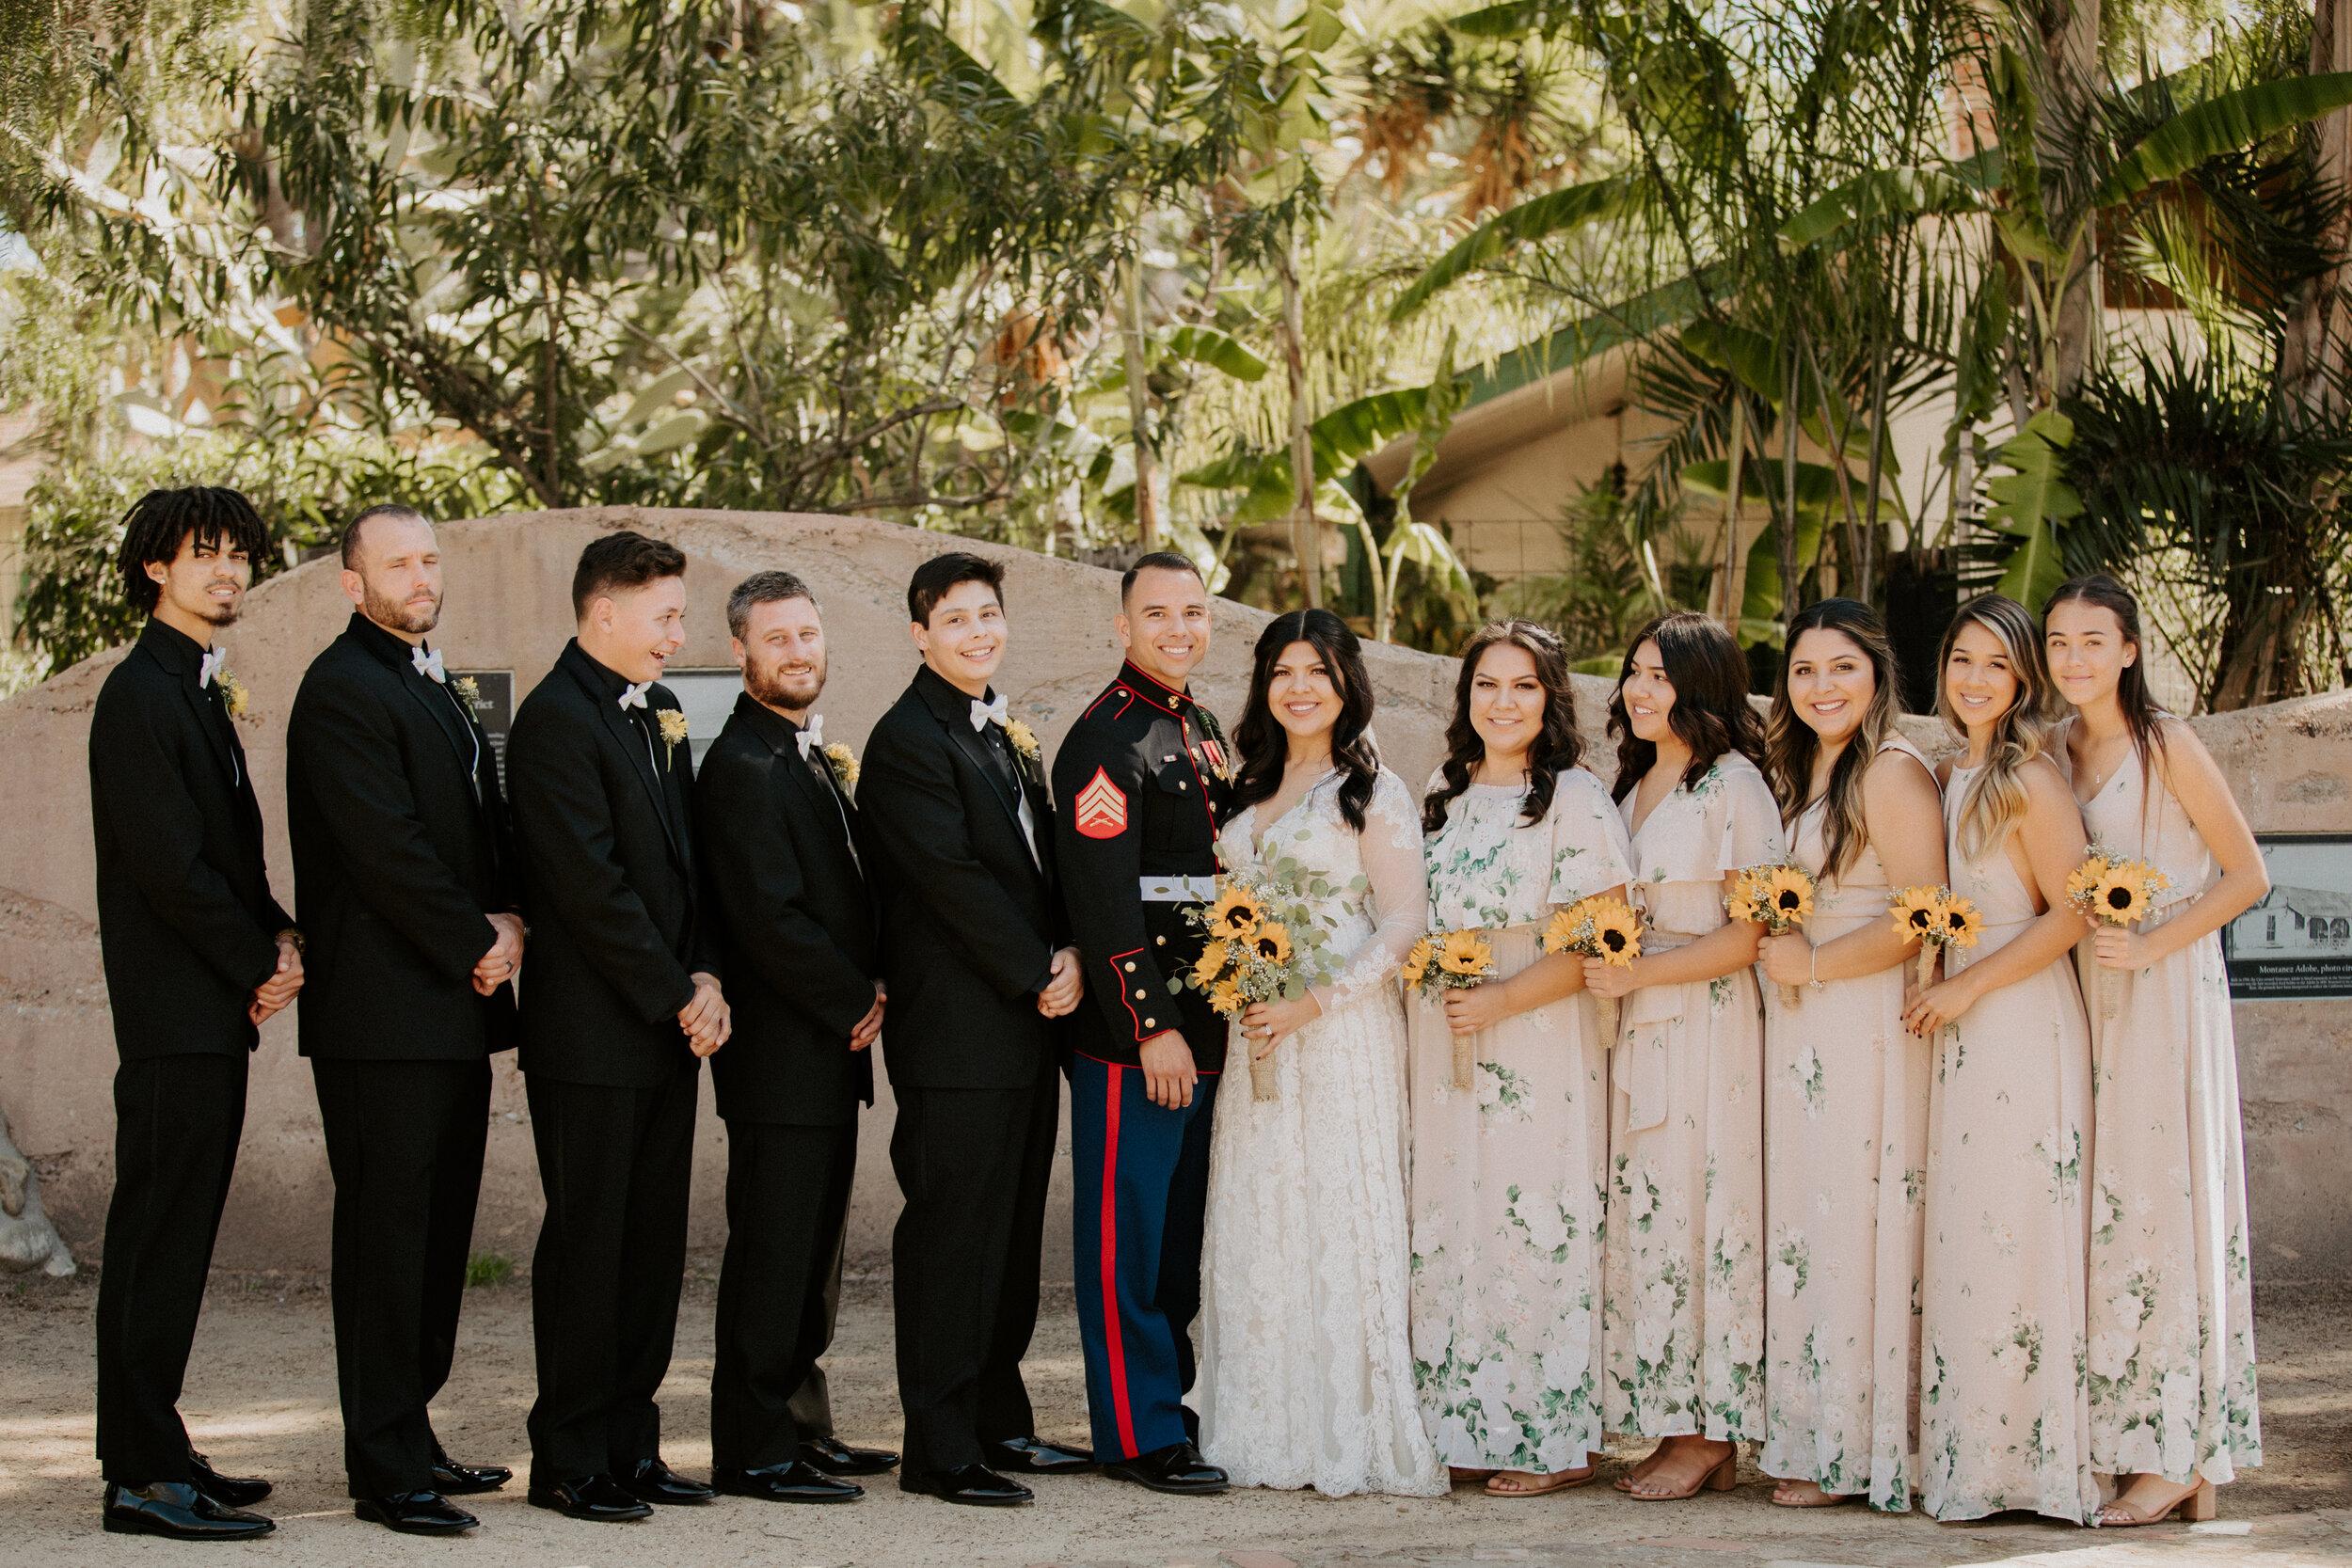 KJMaresca AMPhoto Bridal Party-155.jpg